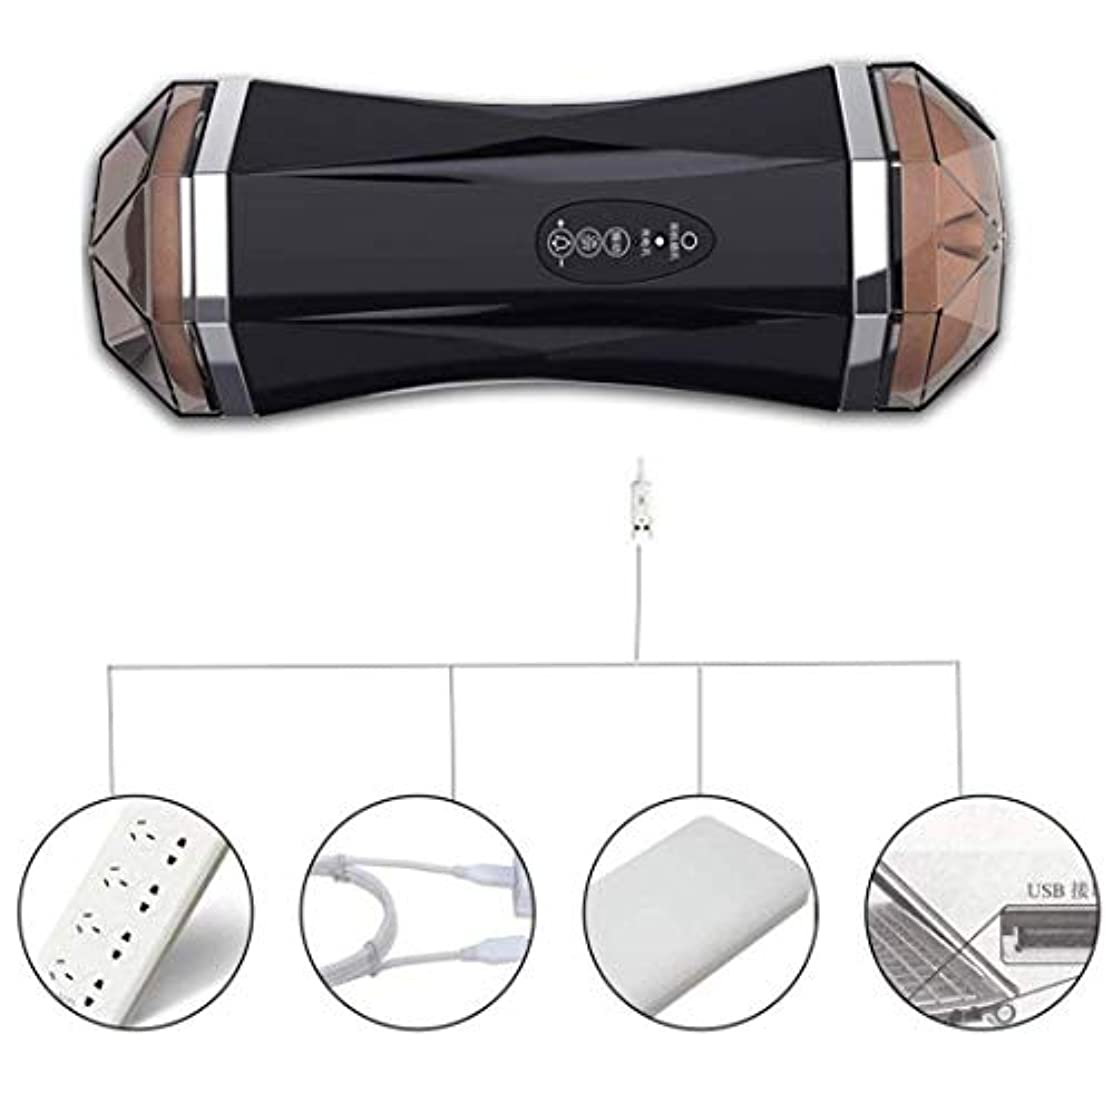 する糸徴収CRFJB 男性用Tシャツアンダーウェアノイズレスリアルインテリジェント8周波数PístonVǐbrǎtiǒnMássageCup Handheld Personal Body Massager